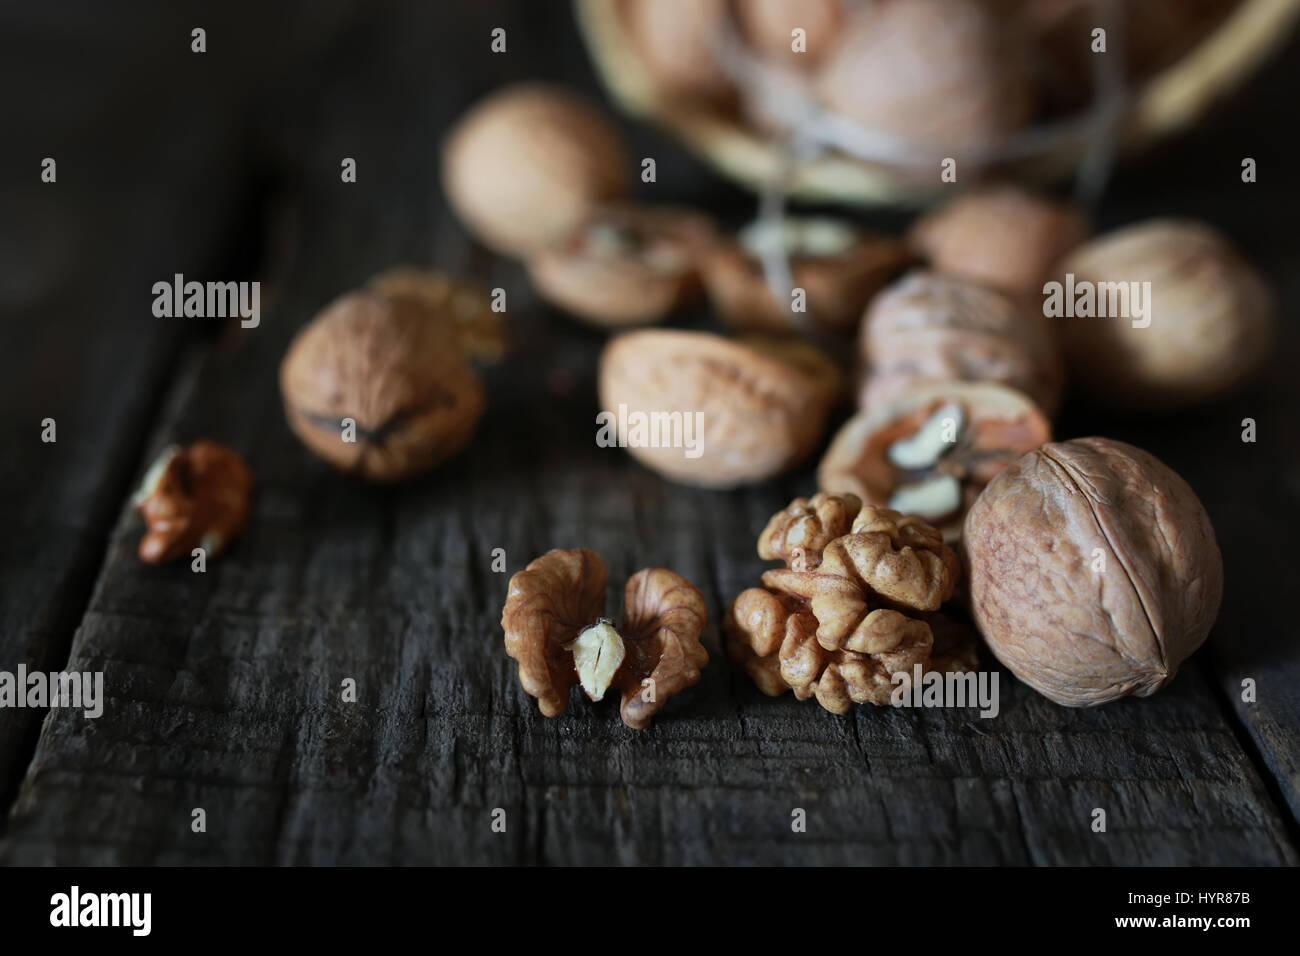 Noix, ensemble et décortiquées Photo Stock